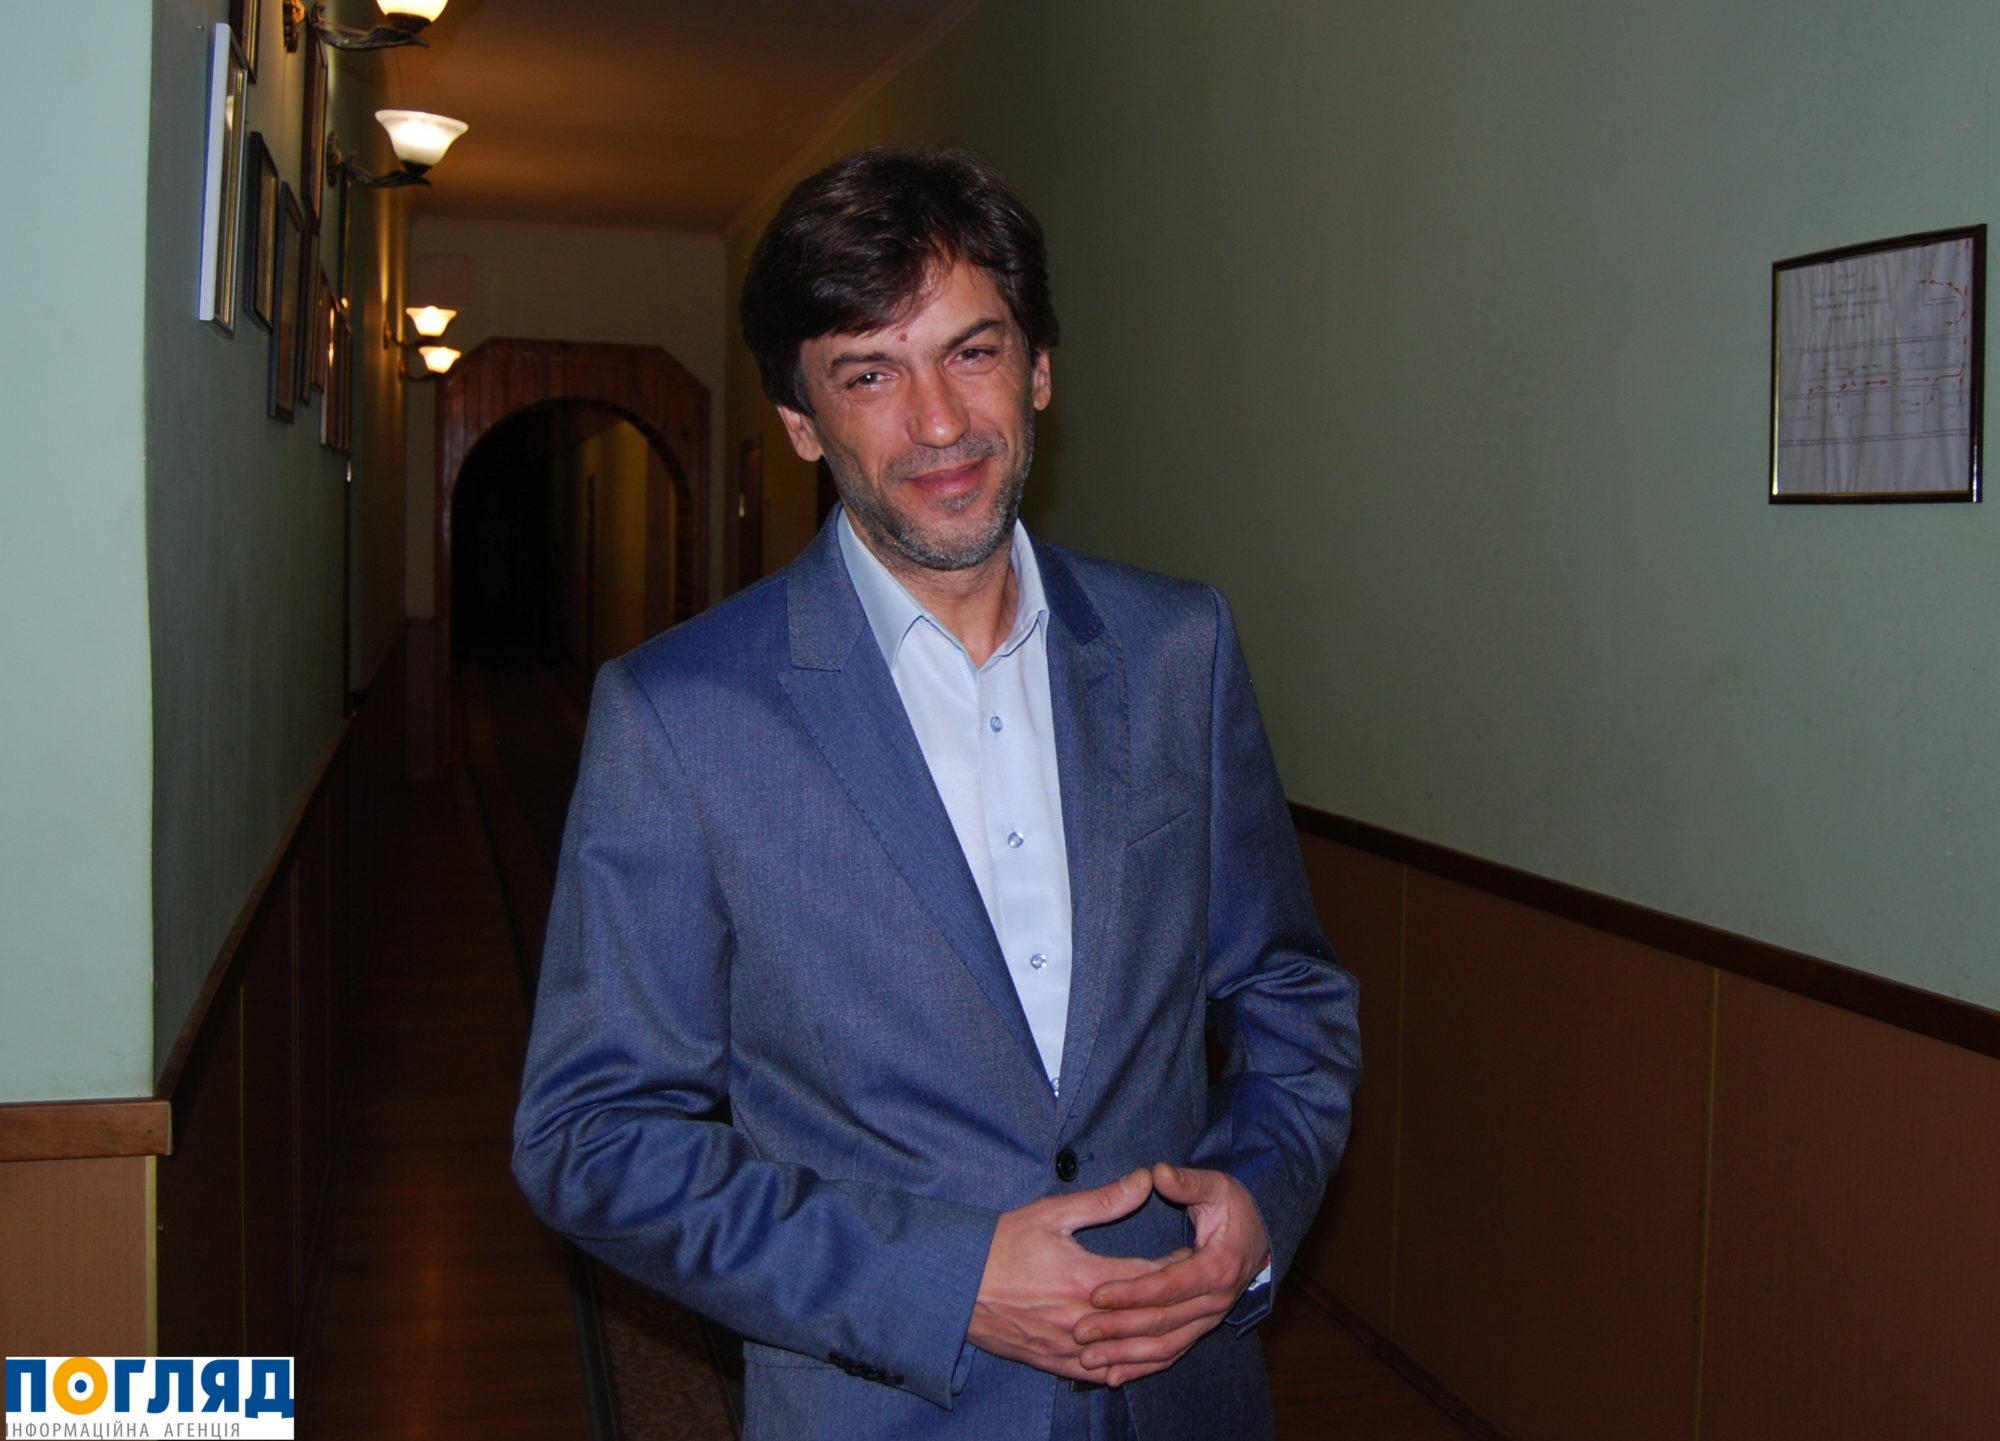 Допрем'єрний показ вистави за участі зірок театру і кіно вперше у Василькові -  - 000DSC 3628 2000x1441